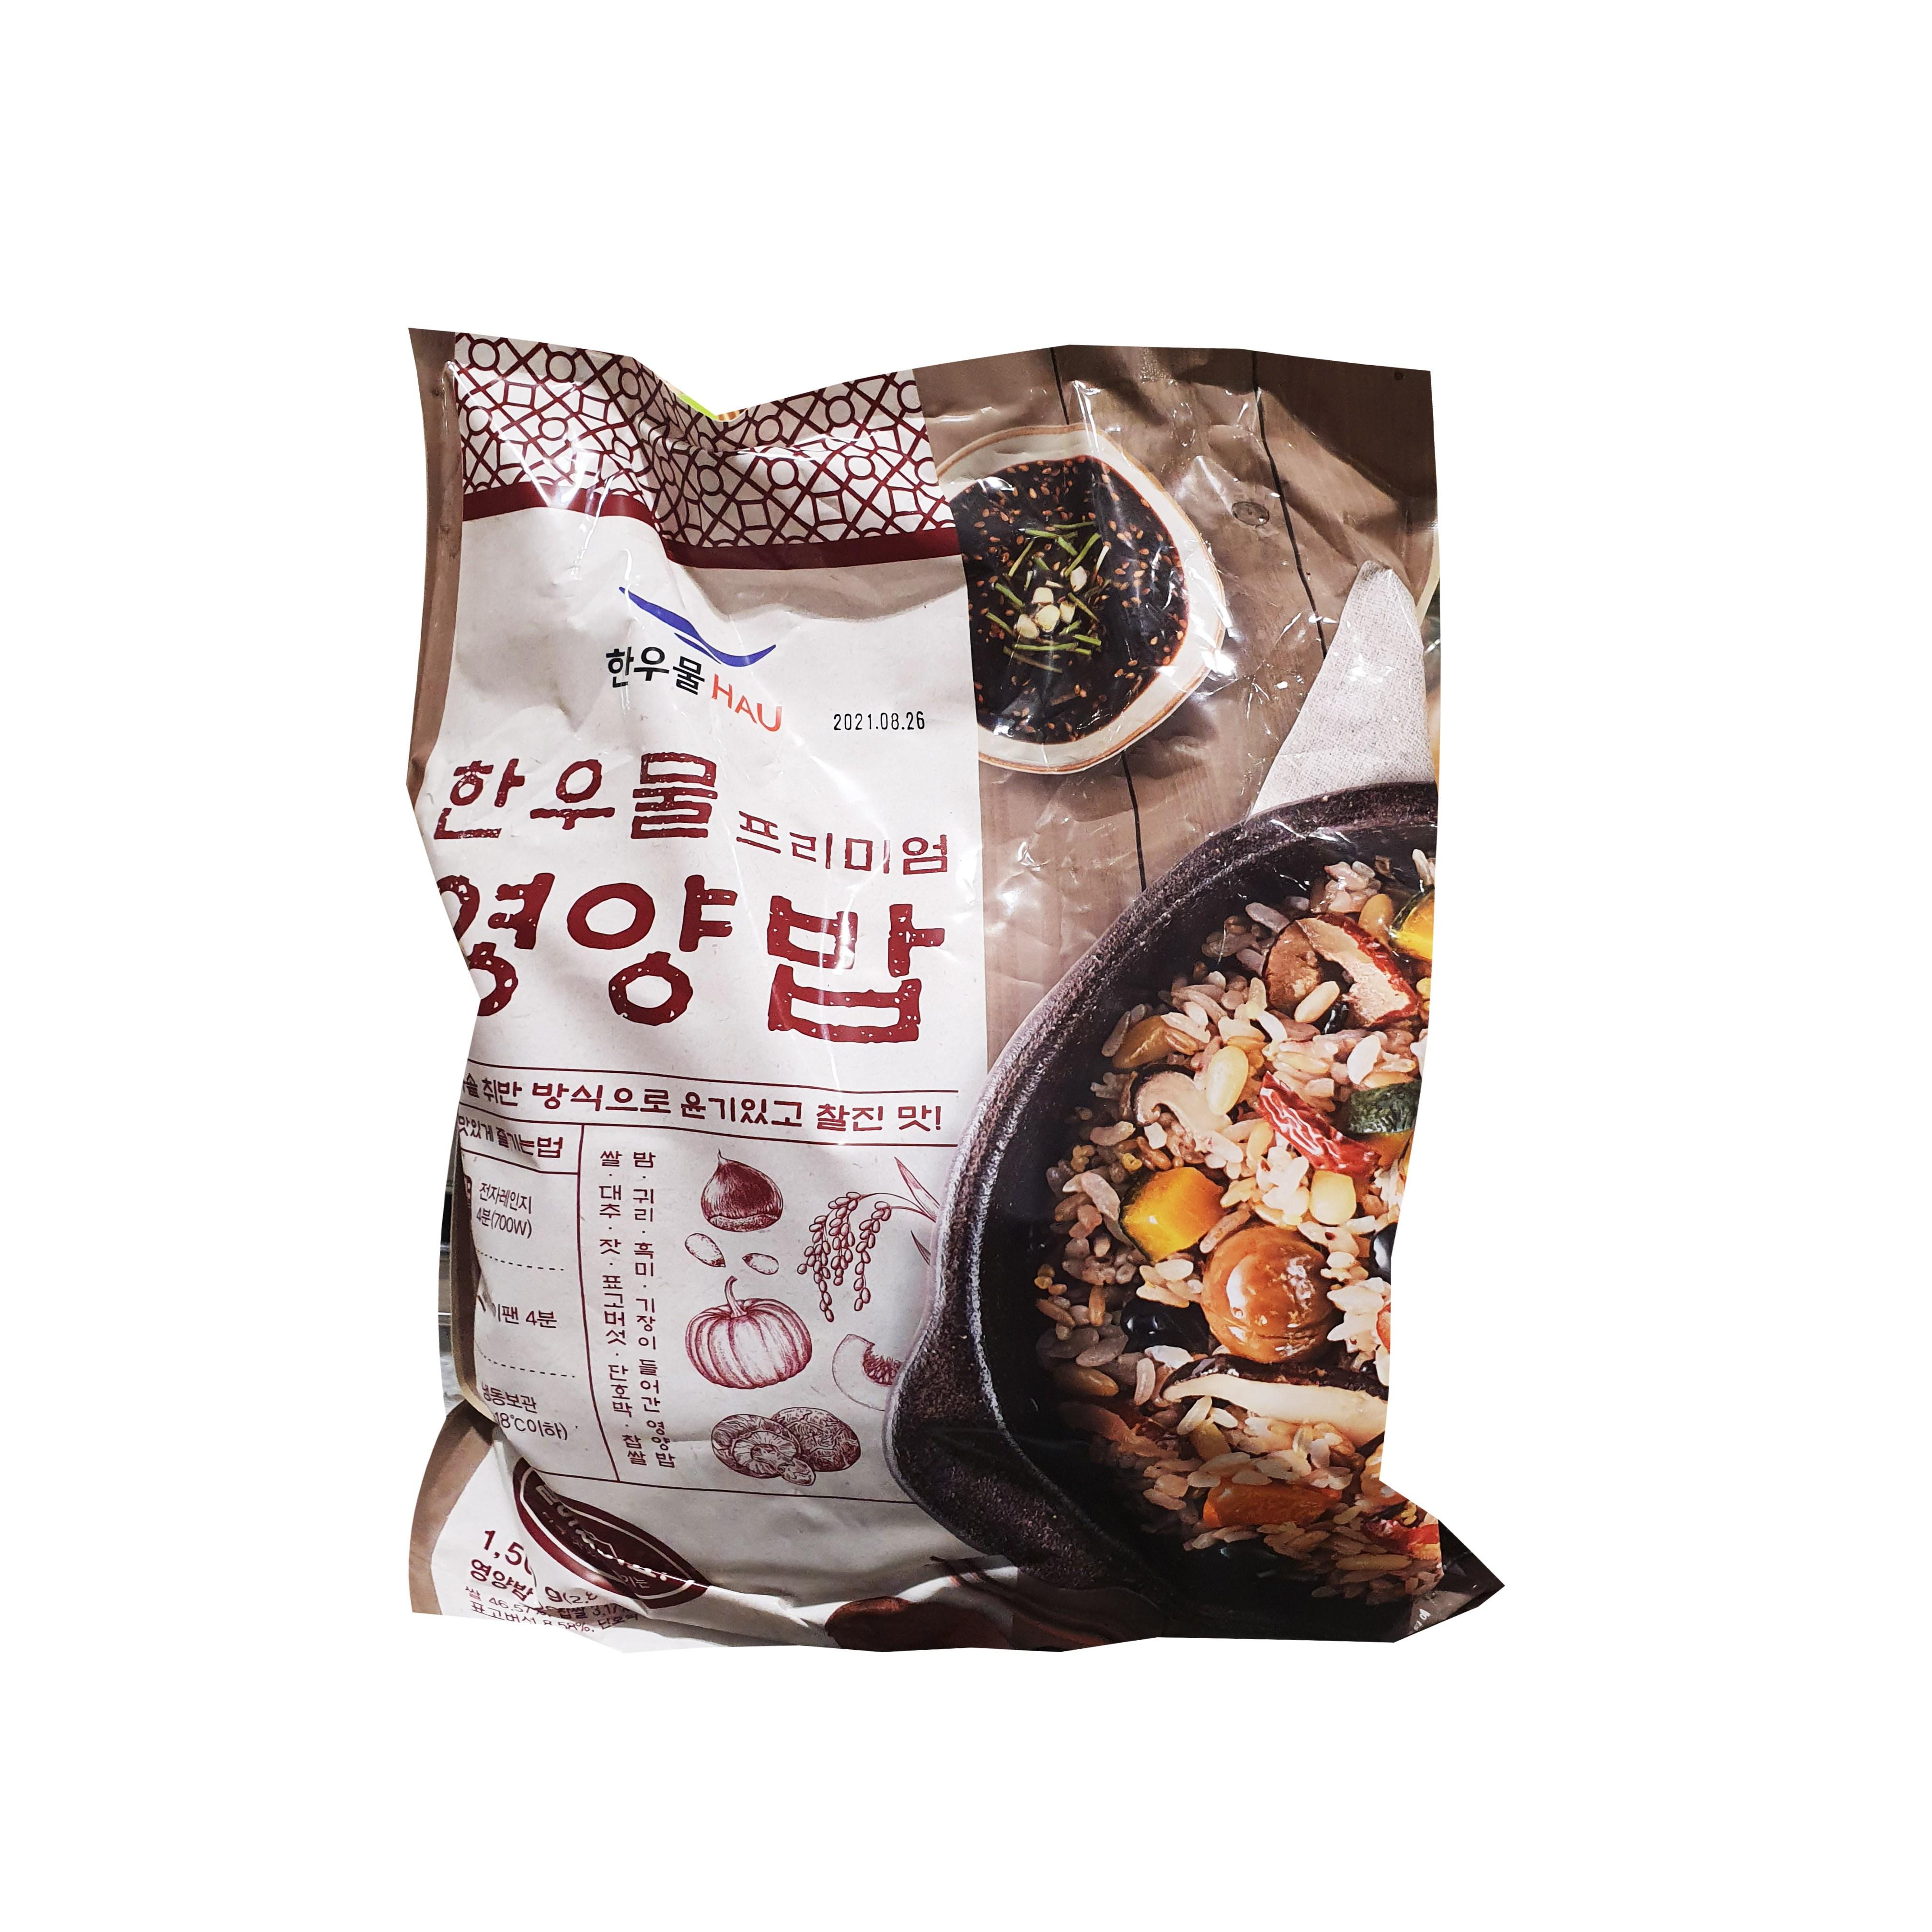 [퀴클리몰] 한우물 프리미엄 영양밥 300g x 5, 상세 설명 참조, 상세 설명 참조, 상세 설명 참조